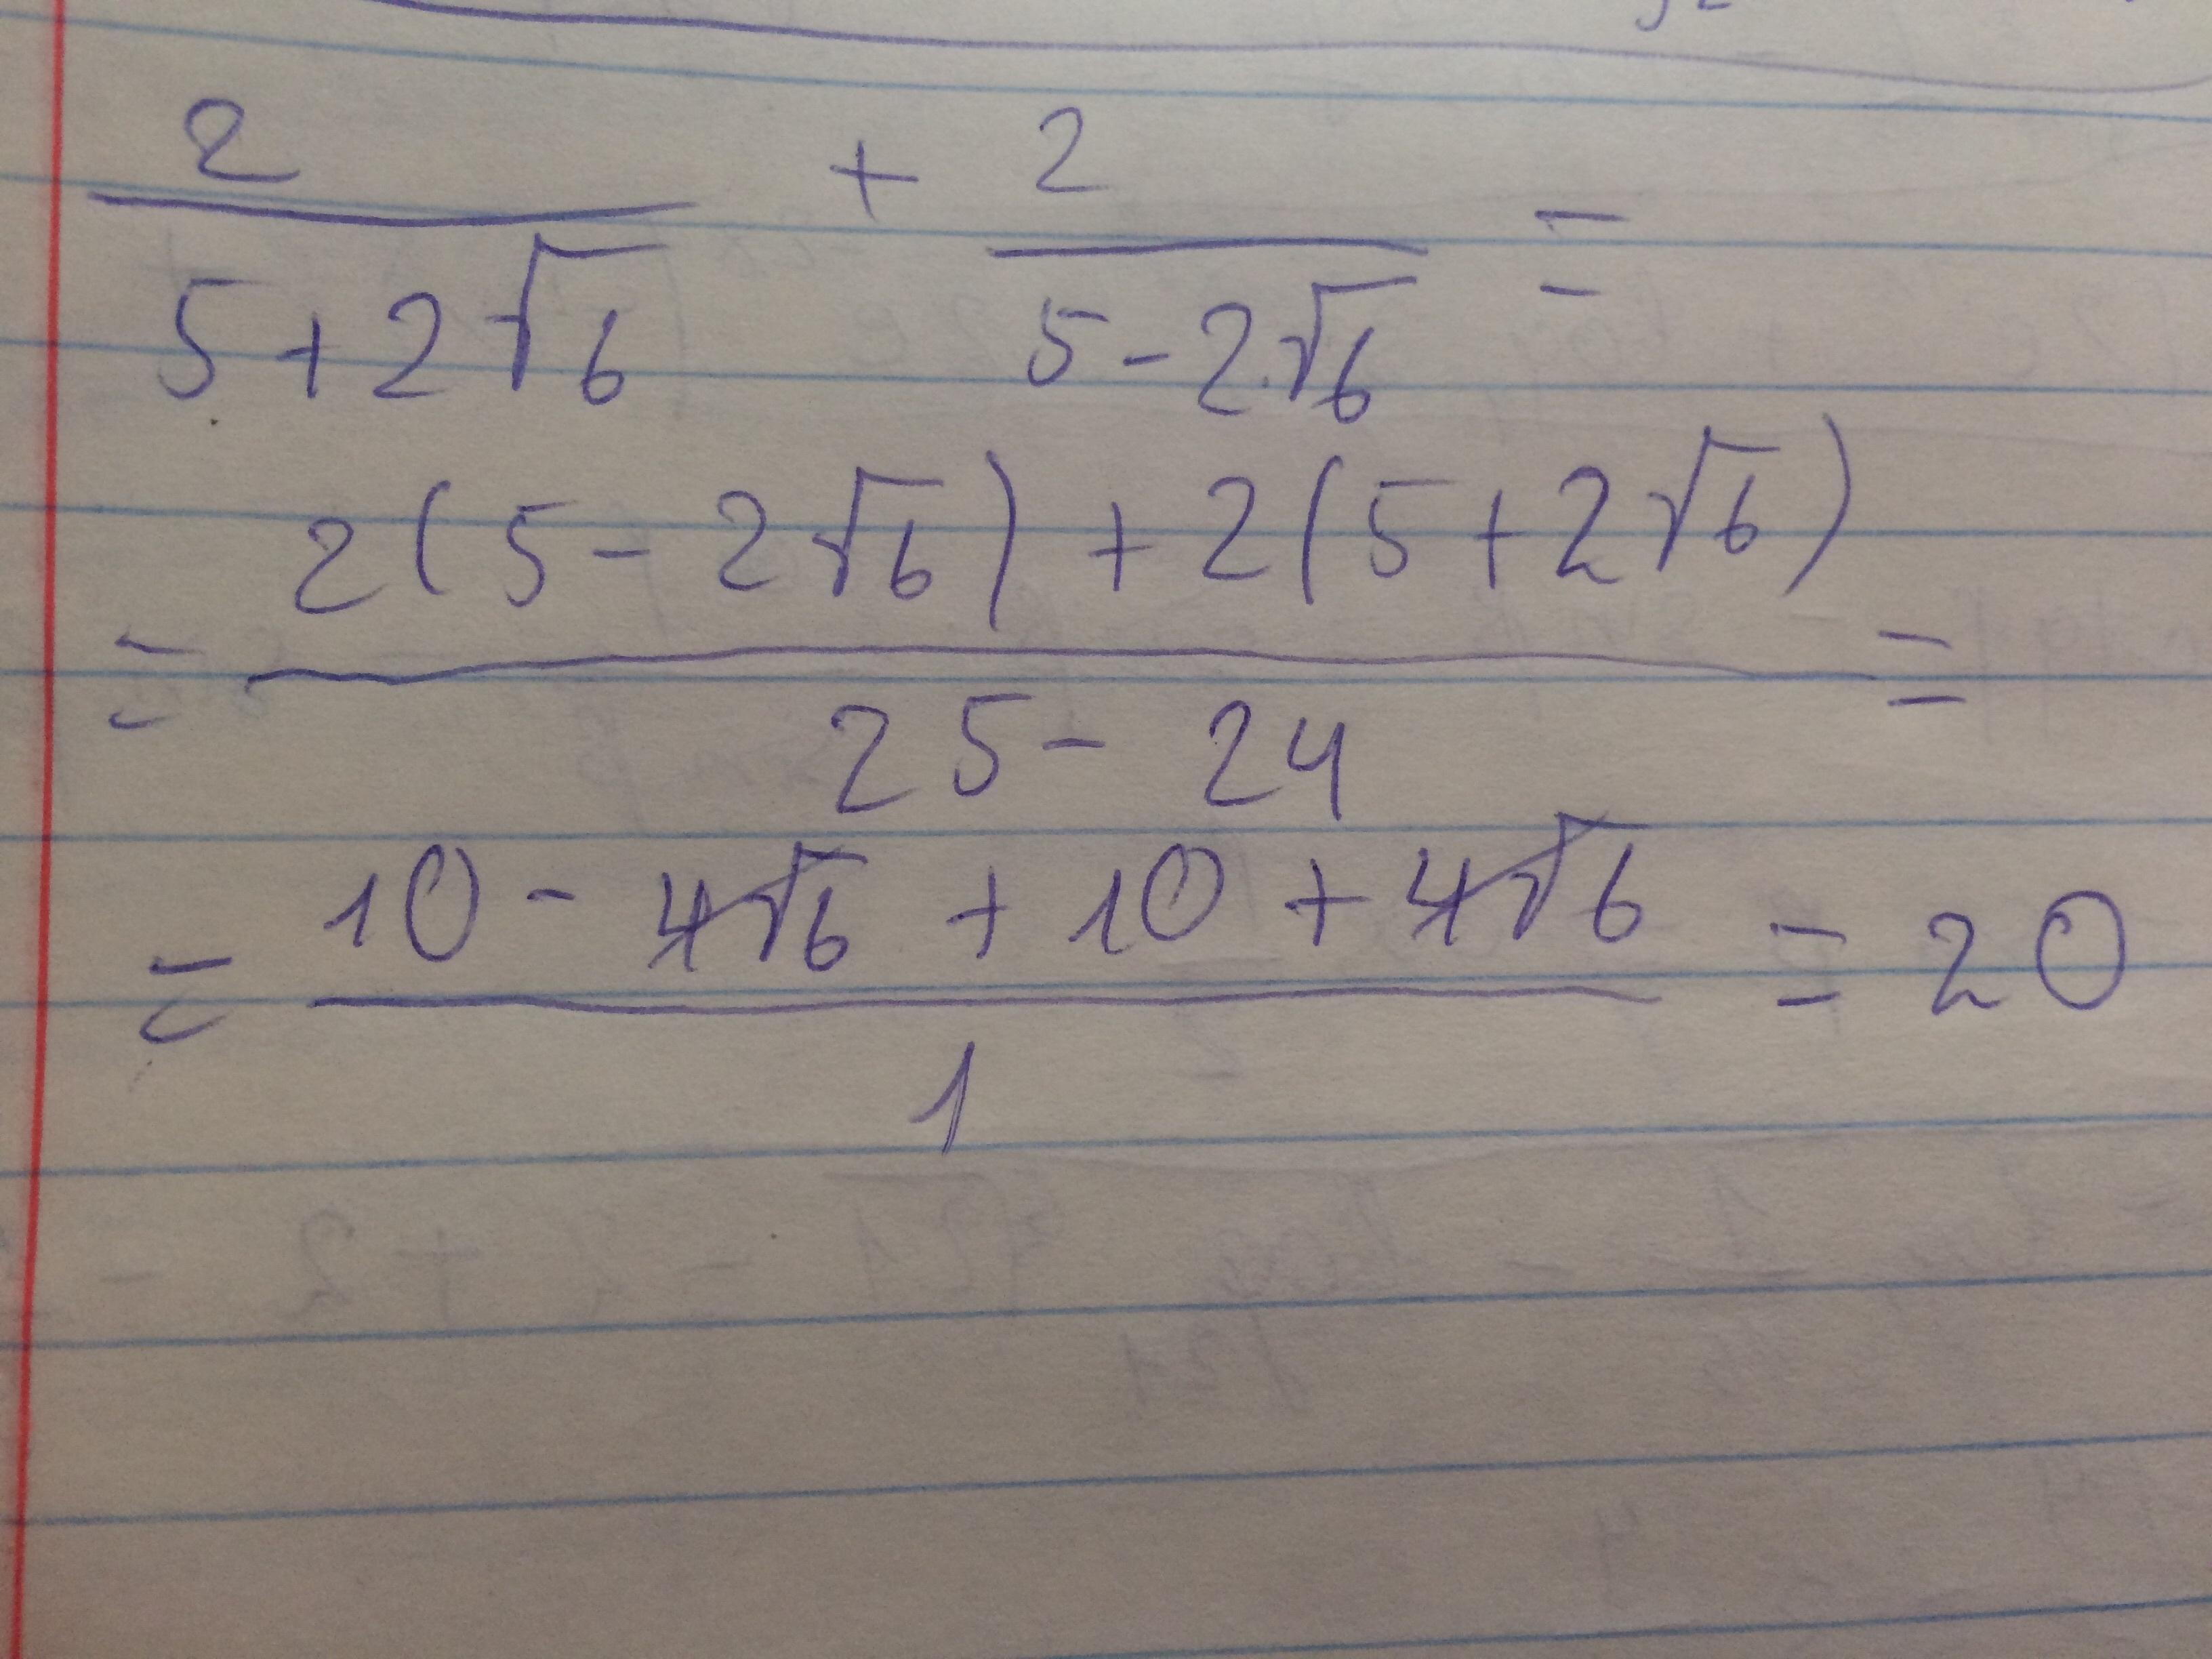 Ответ: 10 - 4 корень из 6 + 10 + 4 корень из 6 = 20